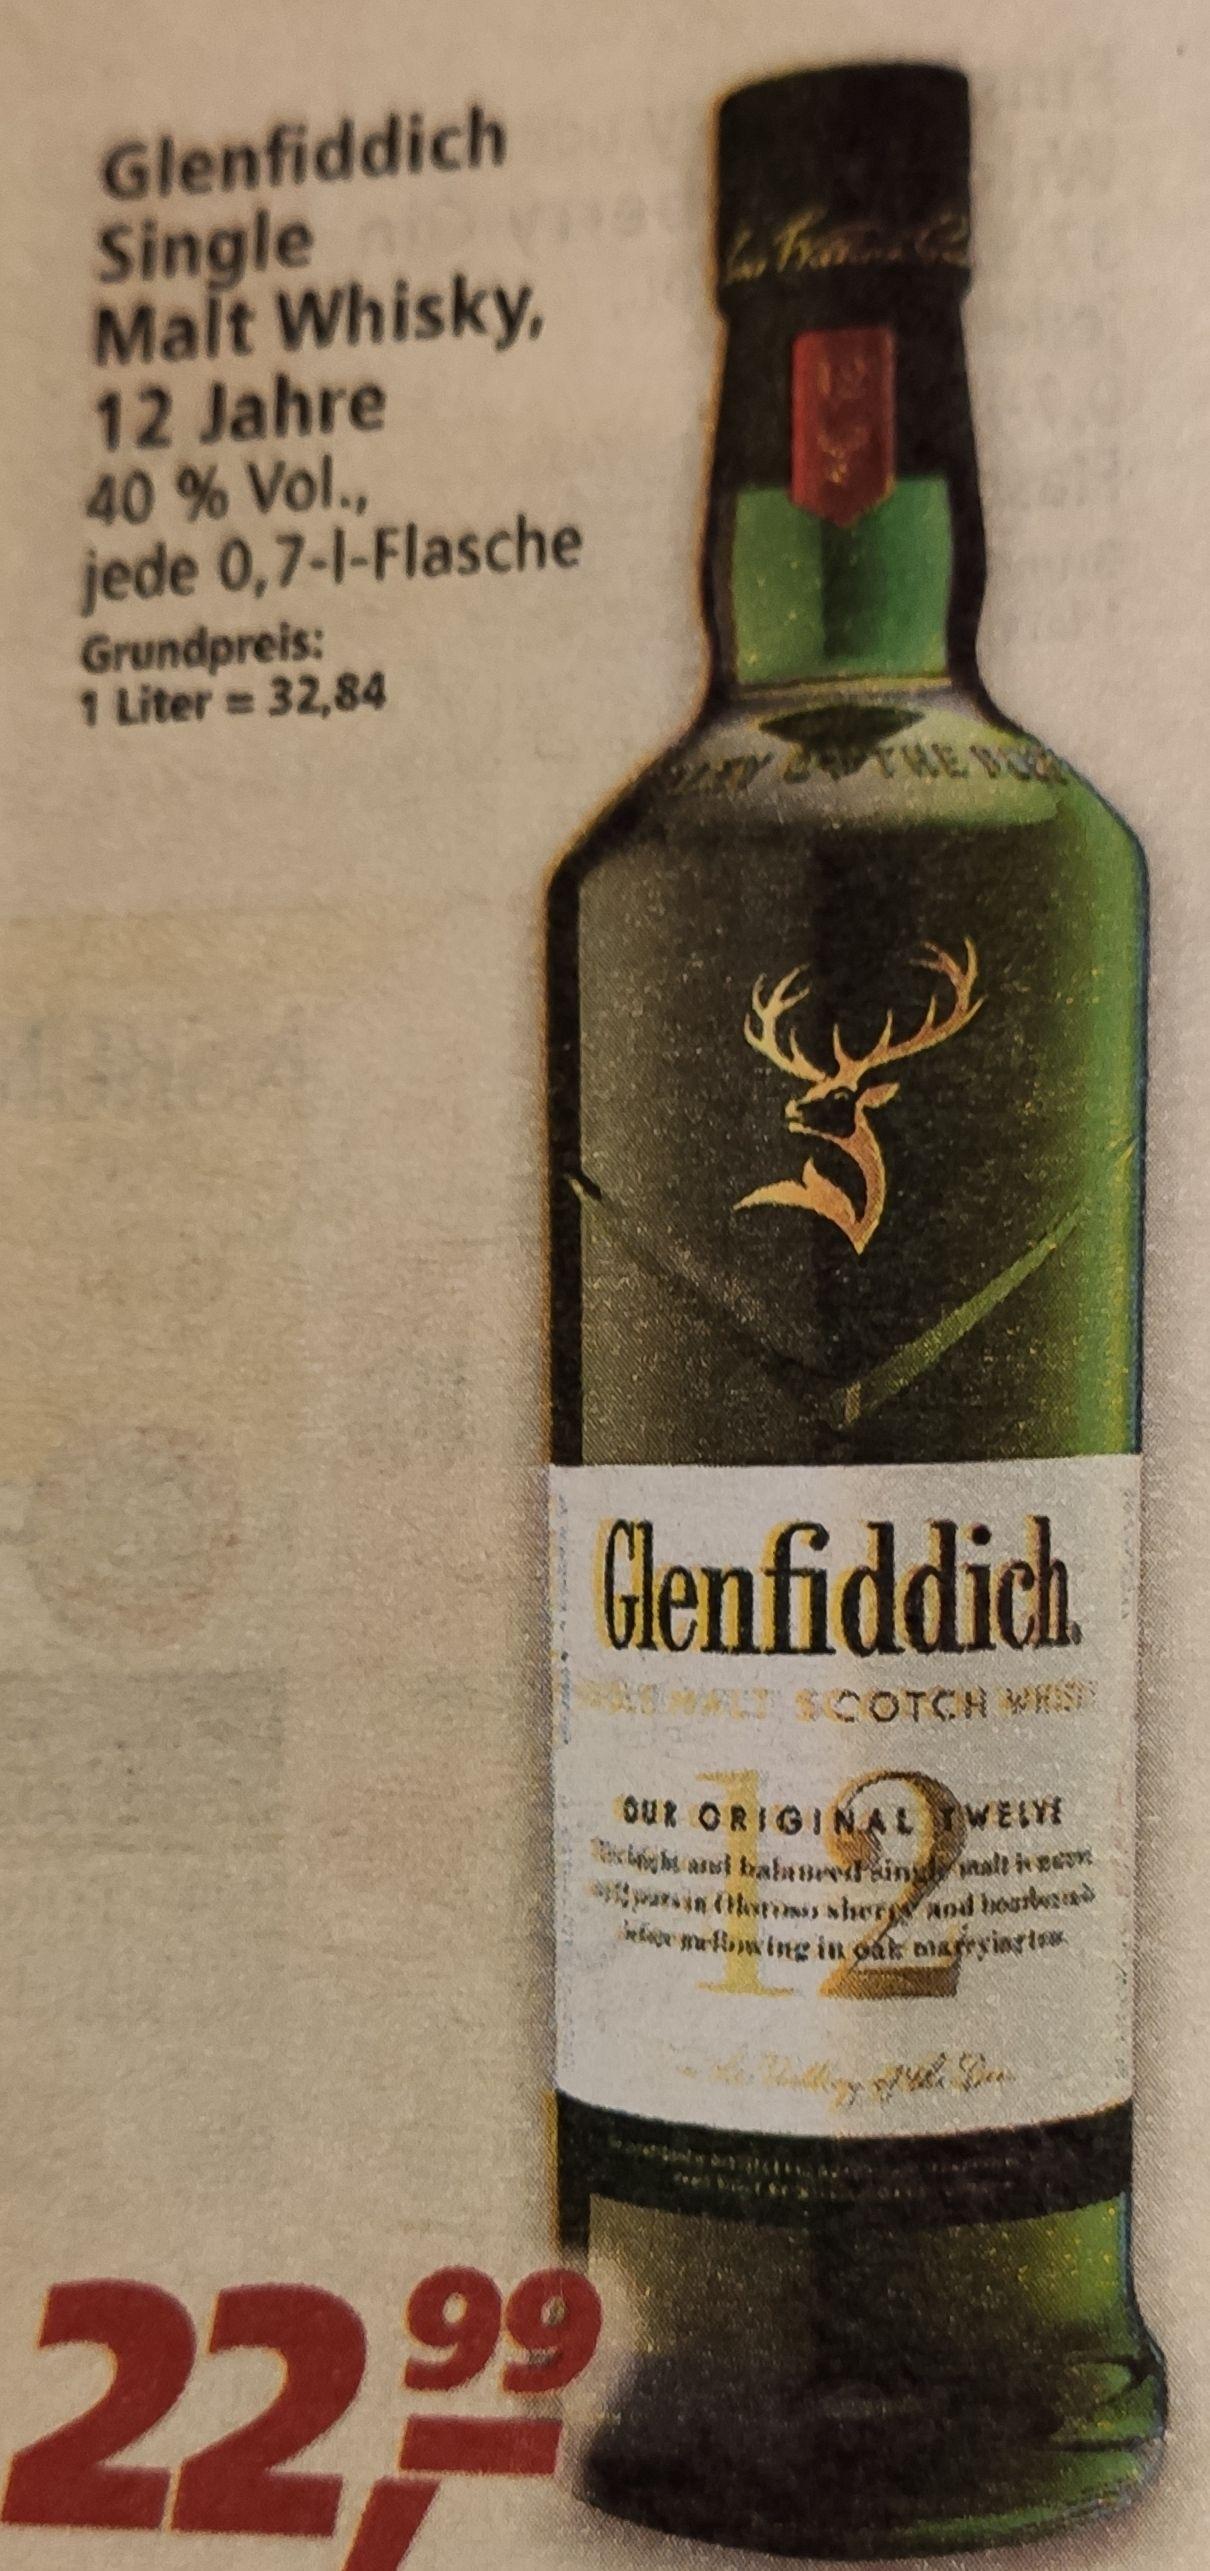 Glenfiddich 12 Jahre (gegebenenfalls Bundesweit) bei Real ab 08.02.21